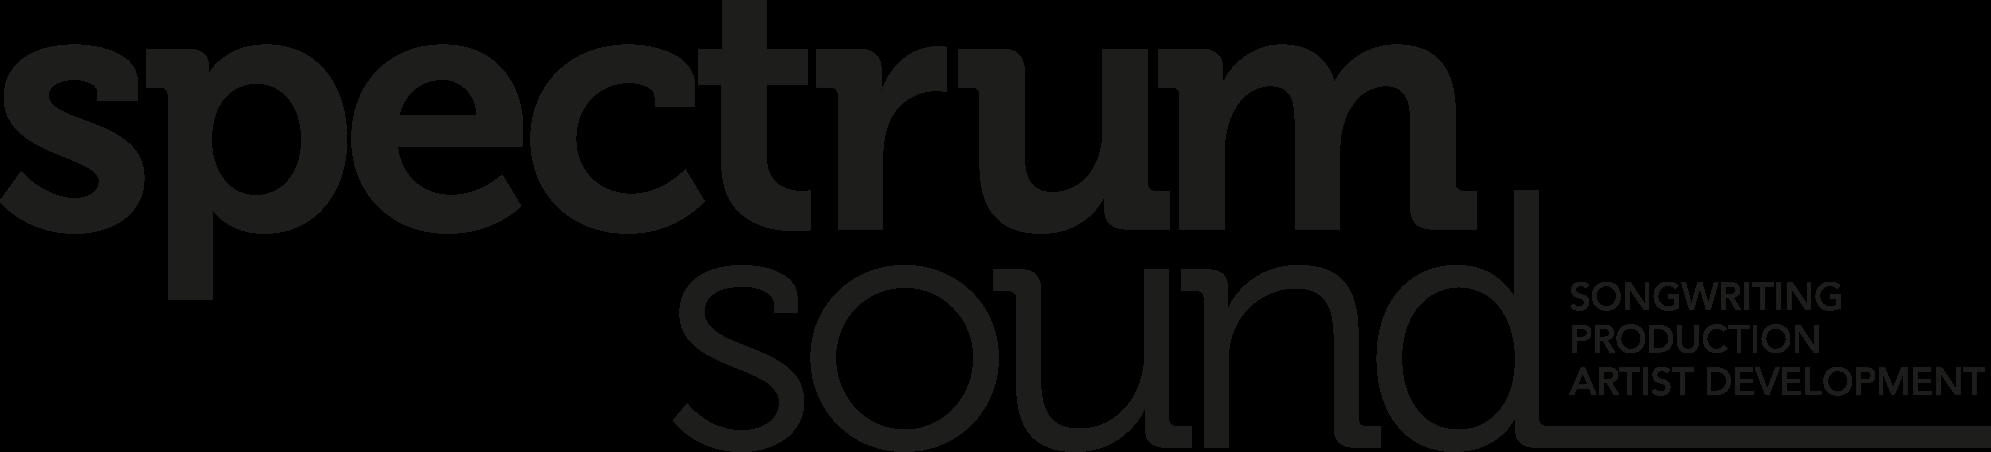 SS Logo black text.png